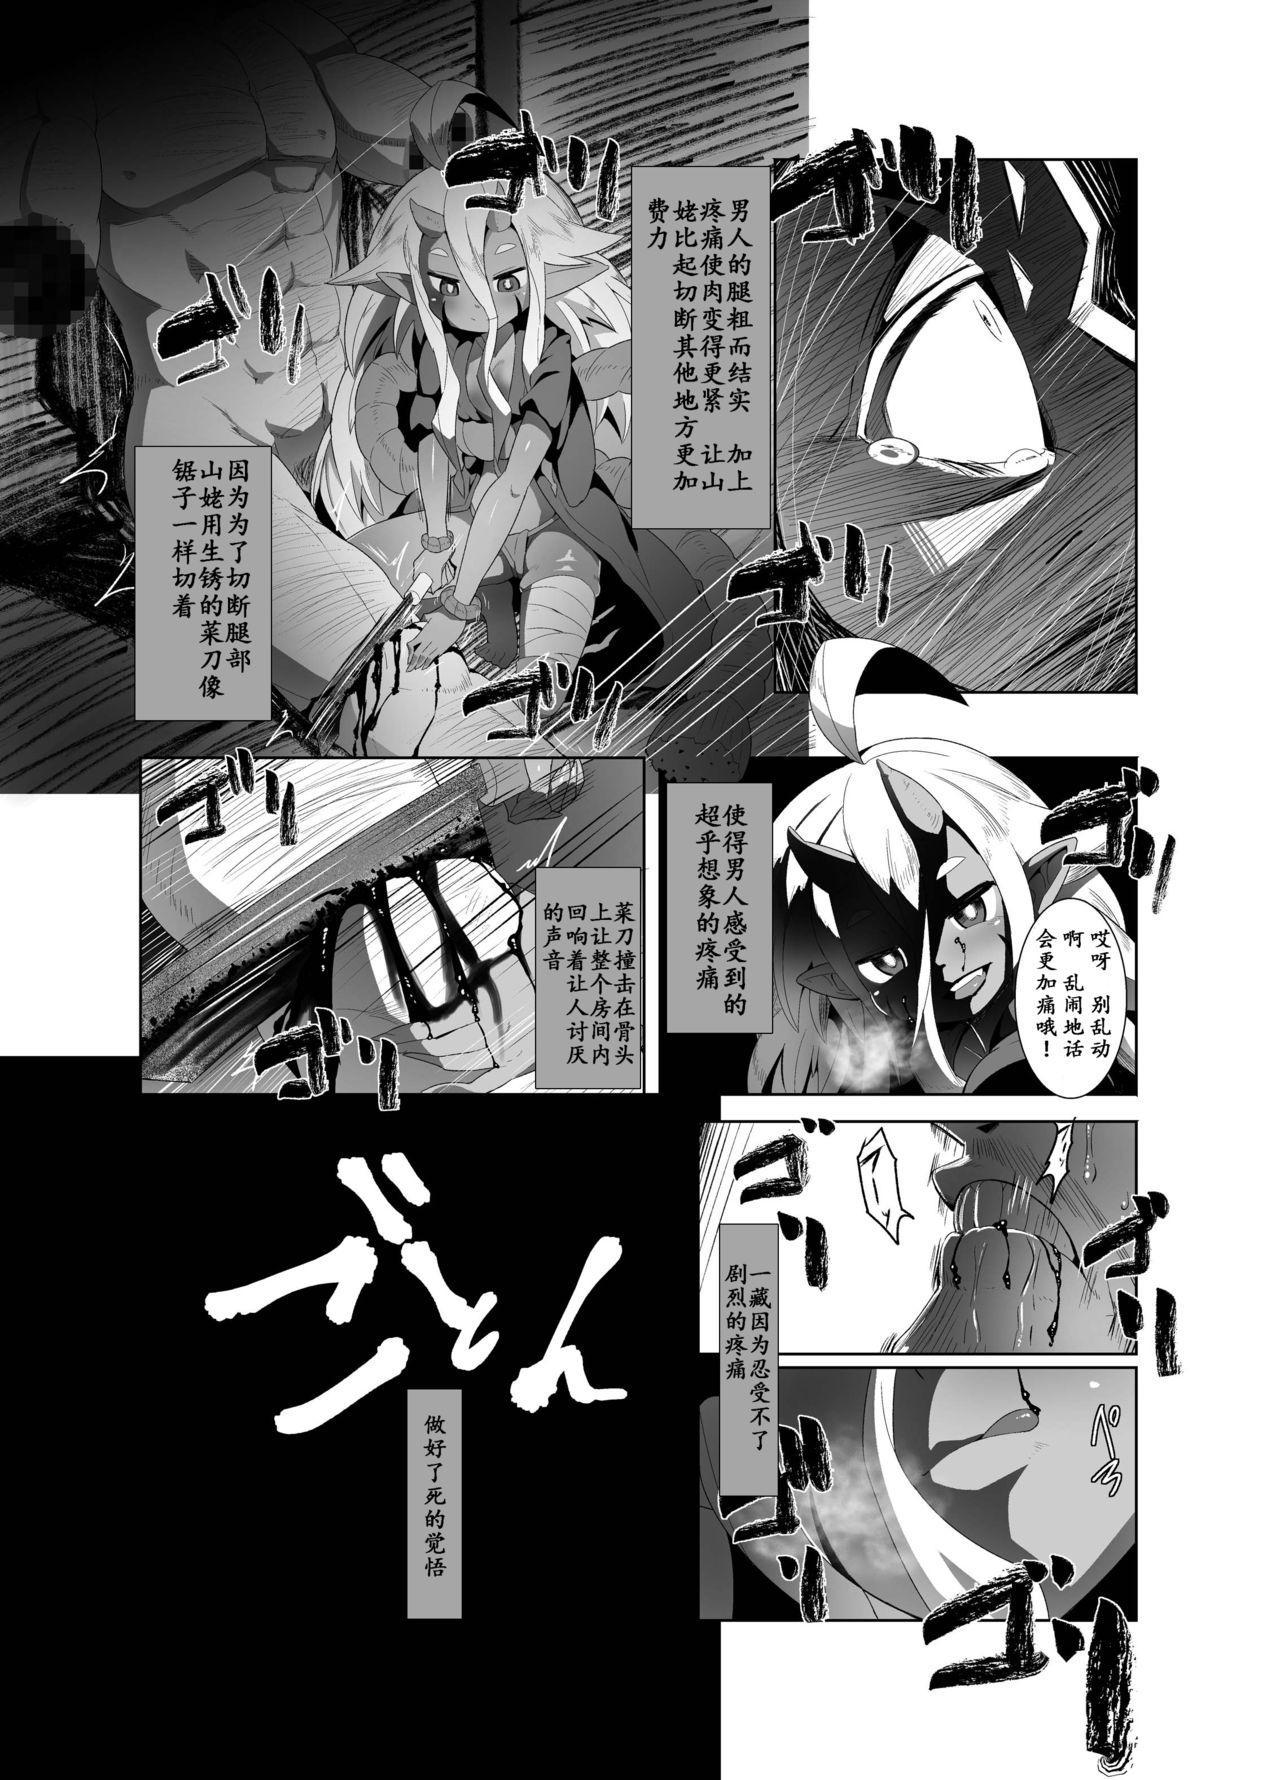 Eromanga Nihon Mukashibanashi 8